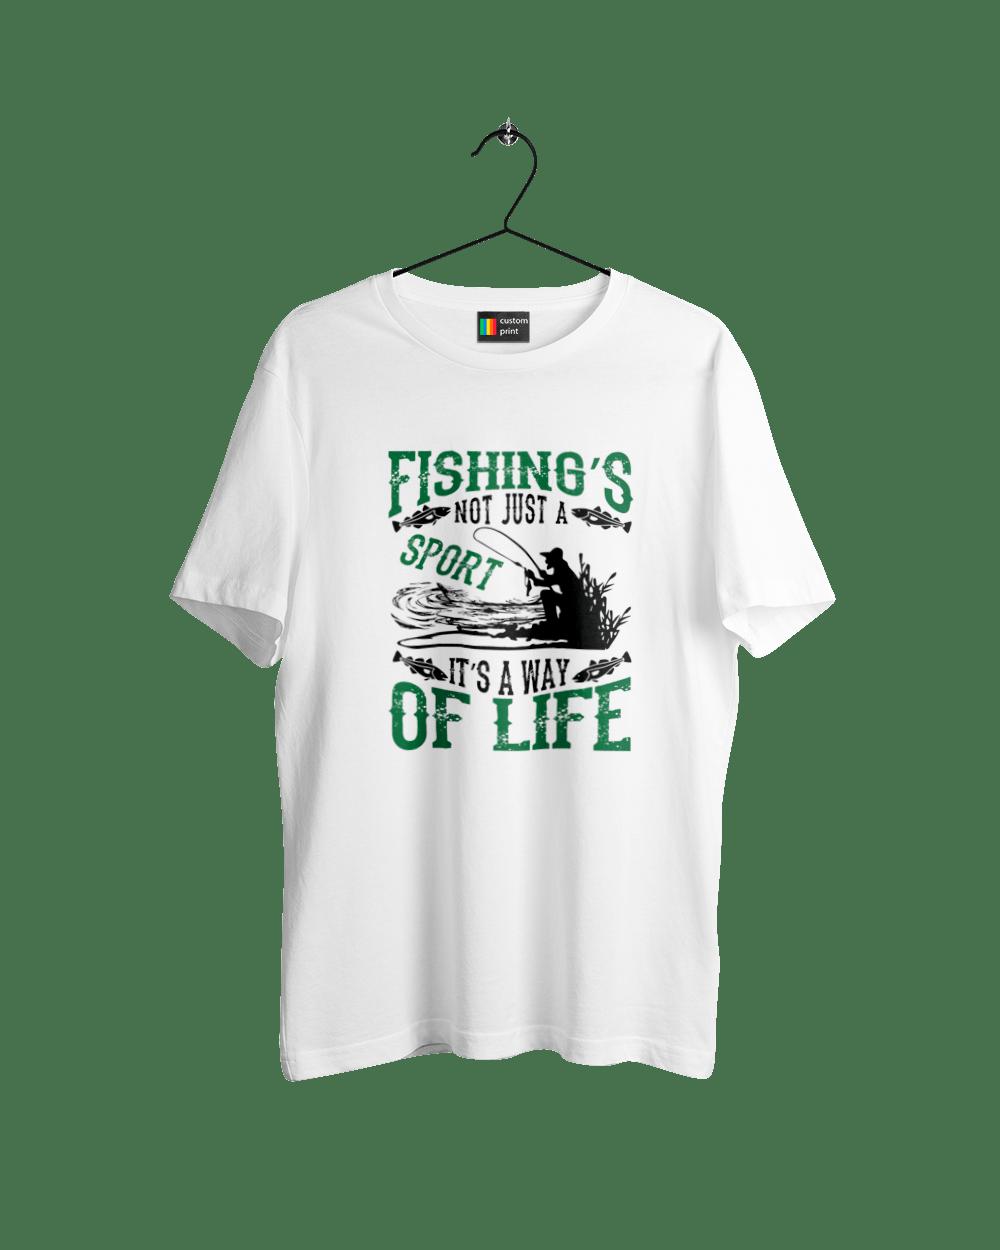 День Рибалки Риболовля Це Не Просто Спорт Це Спосіб Жіття